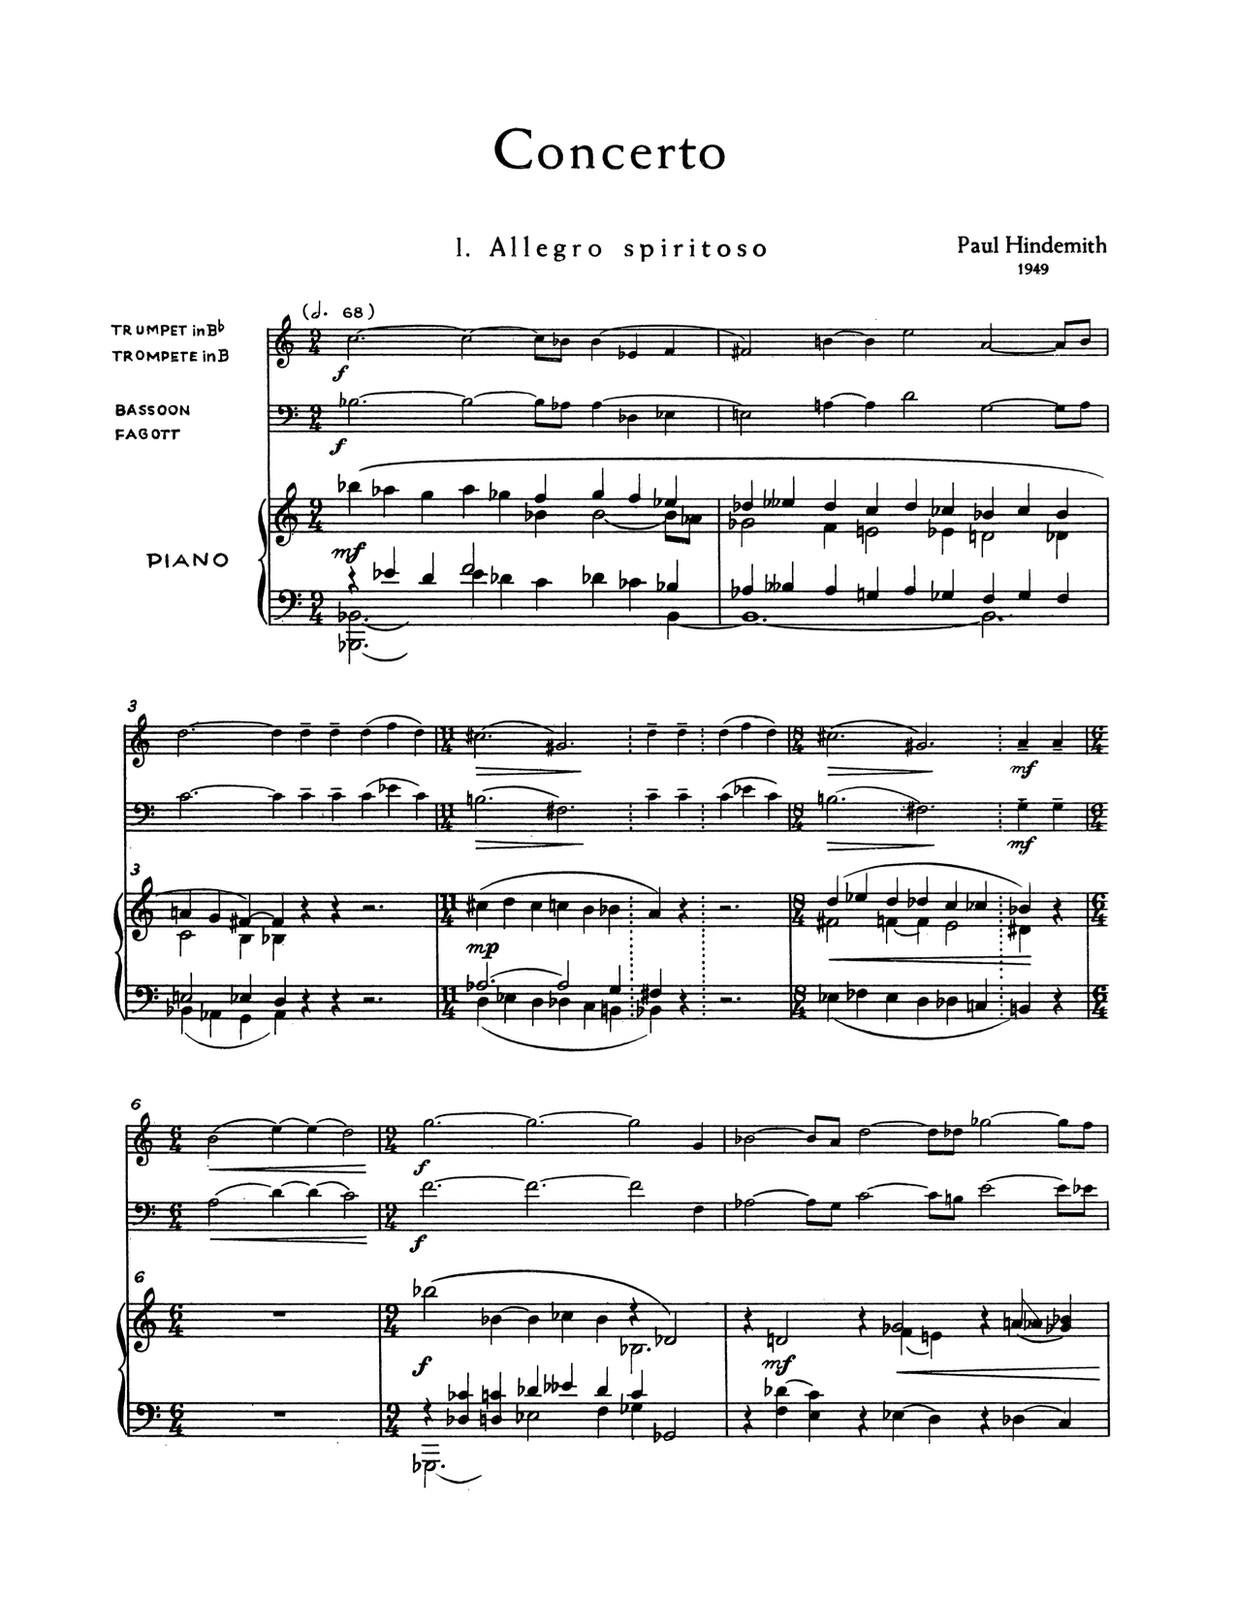 Paul Hindemith - Concerto Op. 46 N. 2 - Konzertmusik Op. 50